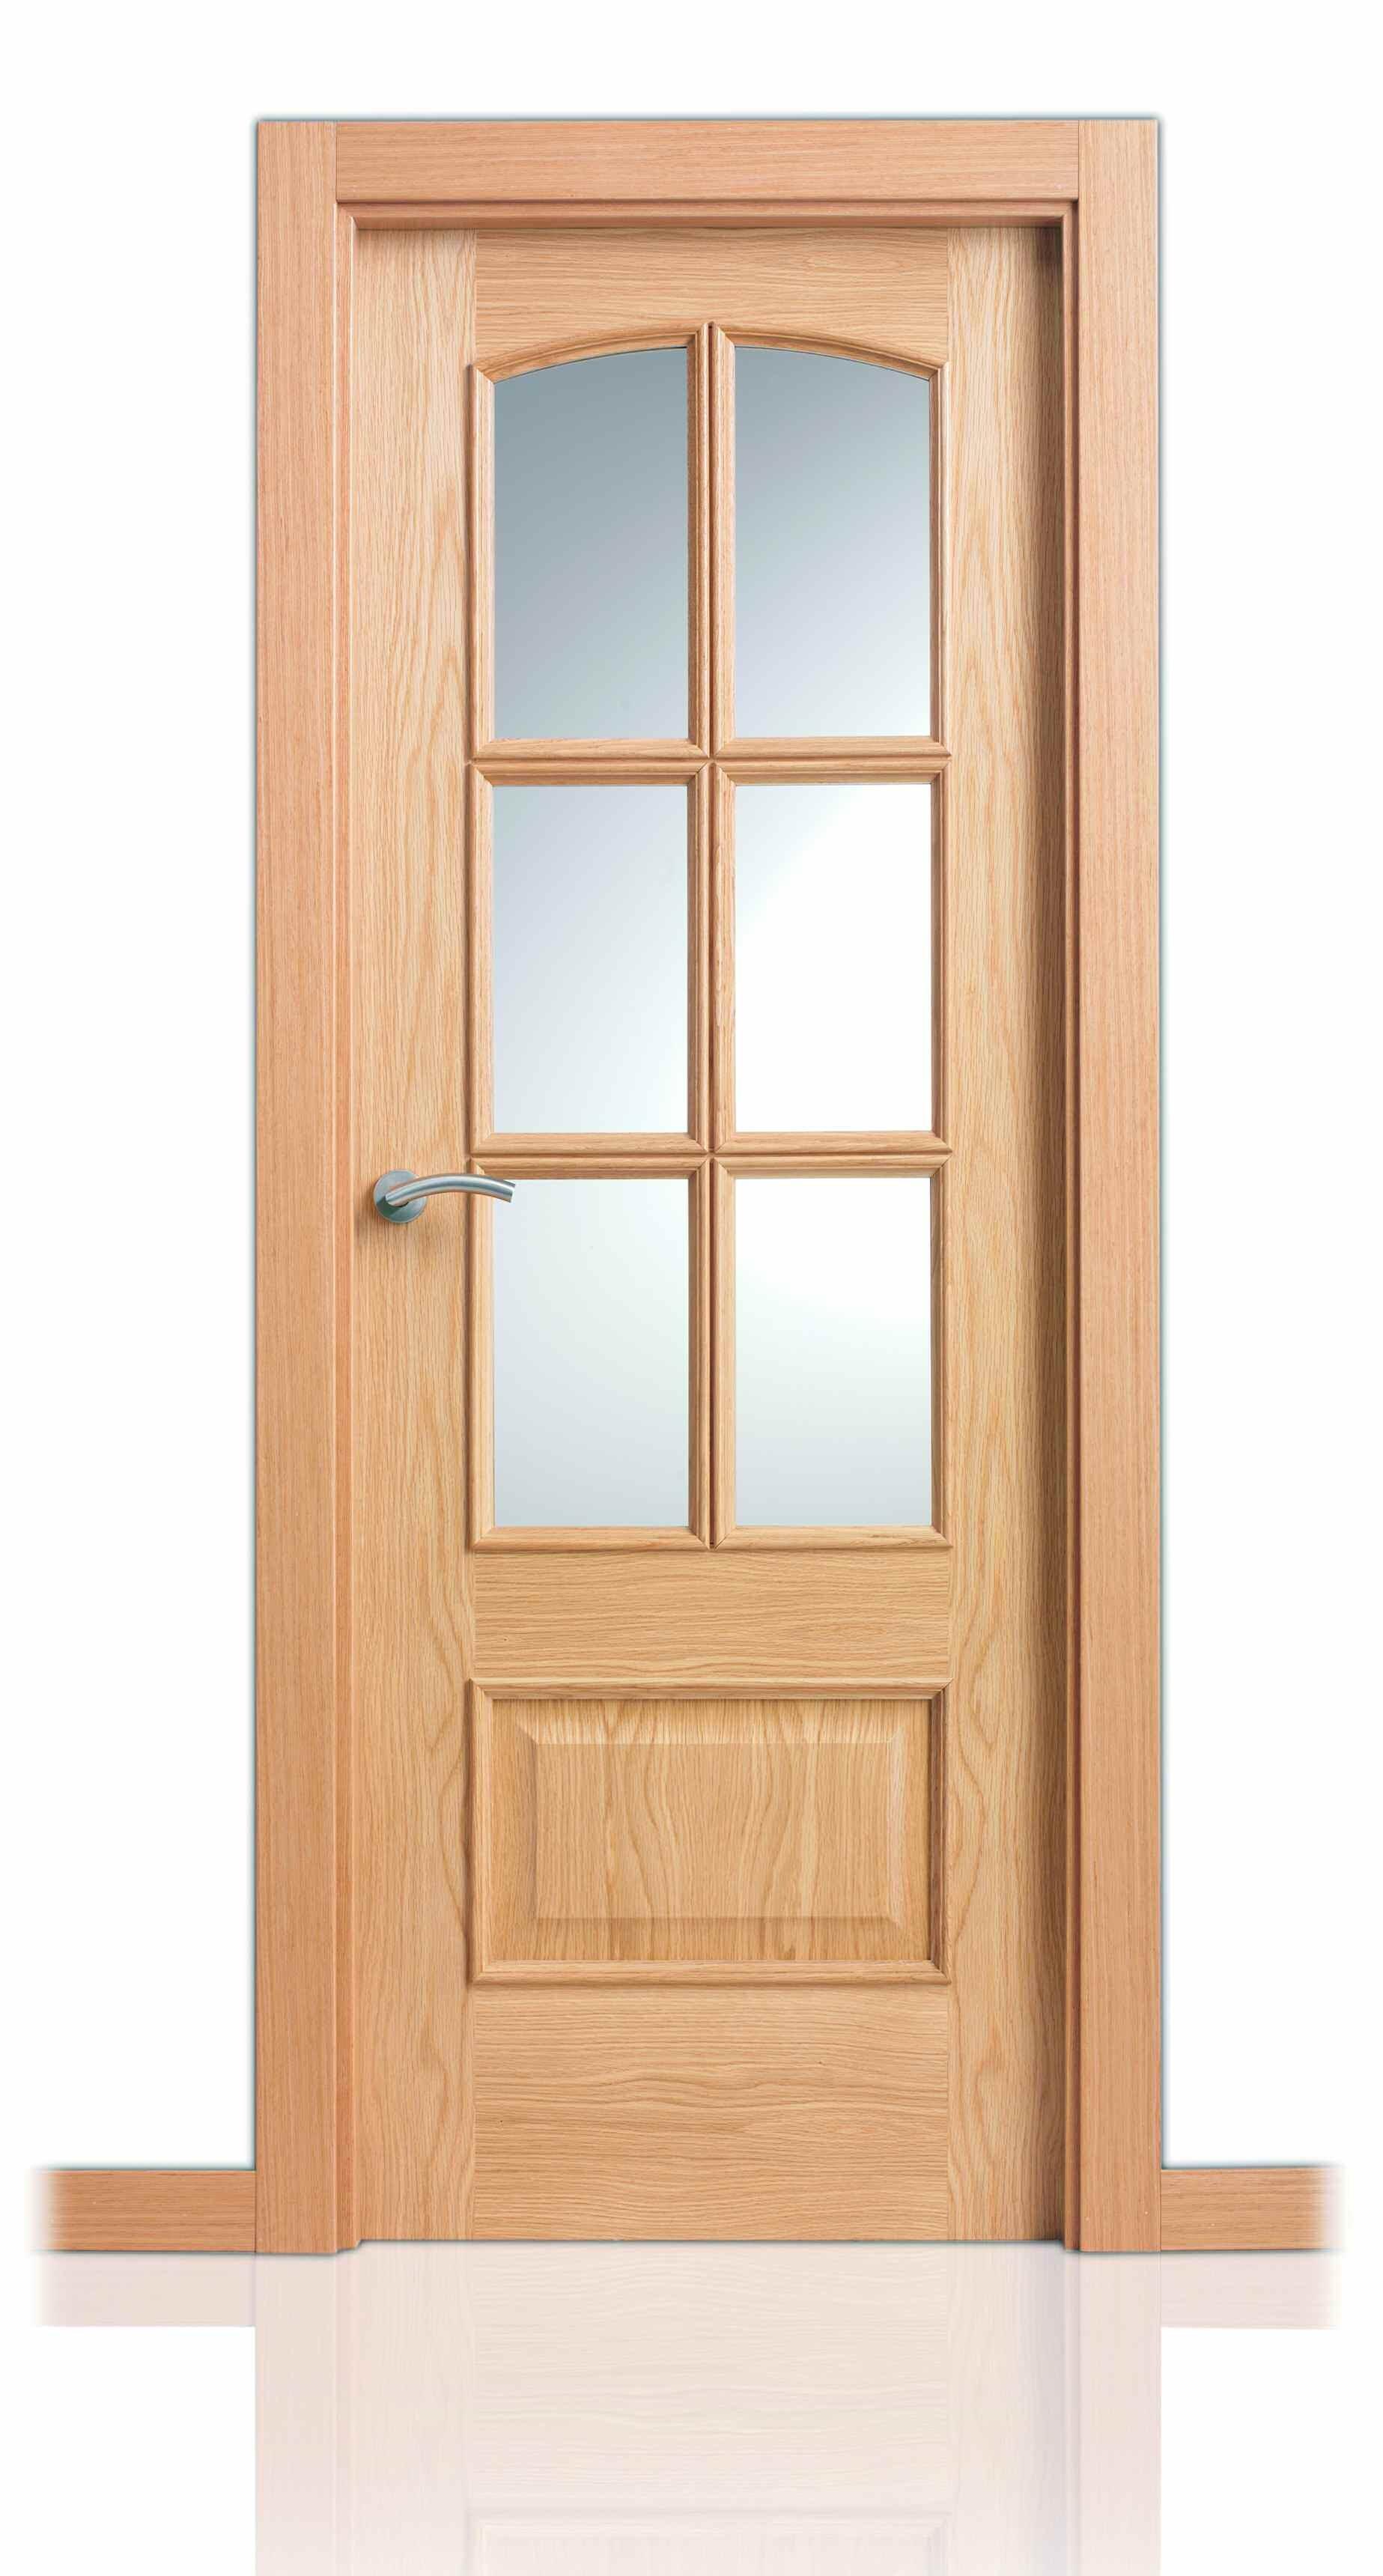 Puerta serie clasica curva tm decoraciones mabel for Puertas de cristal para interiores